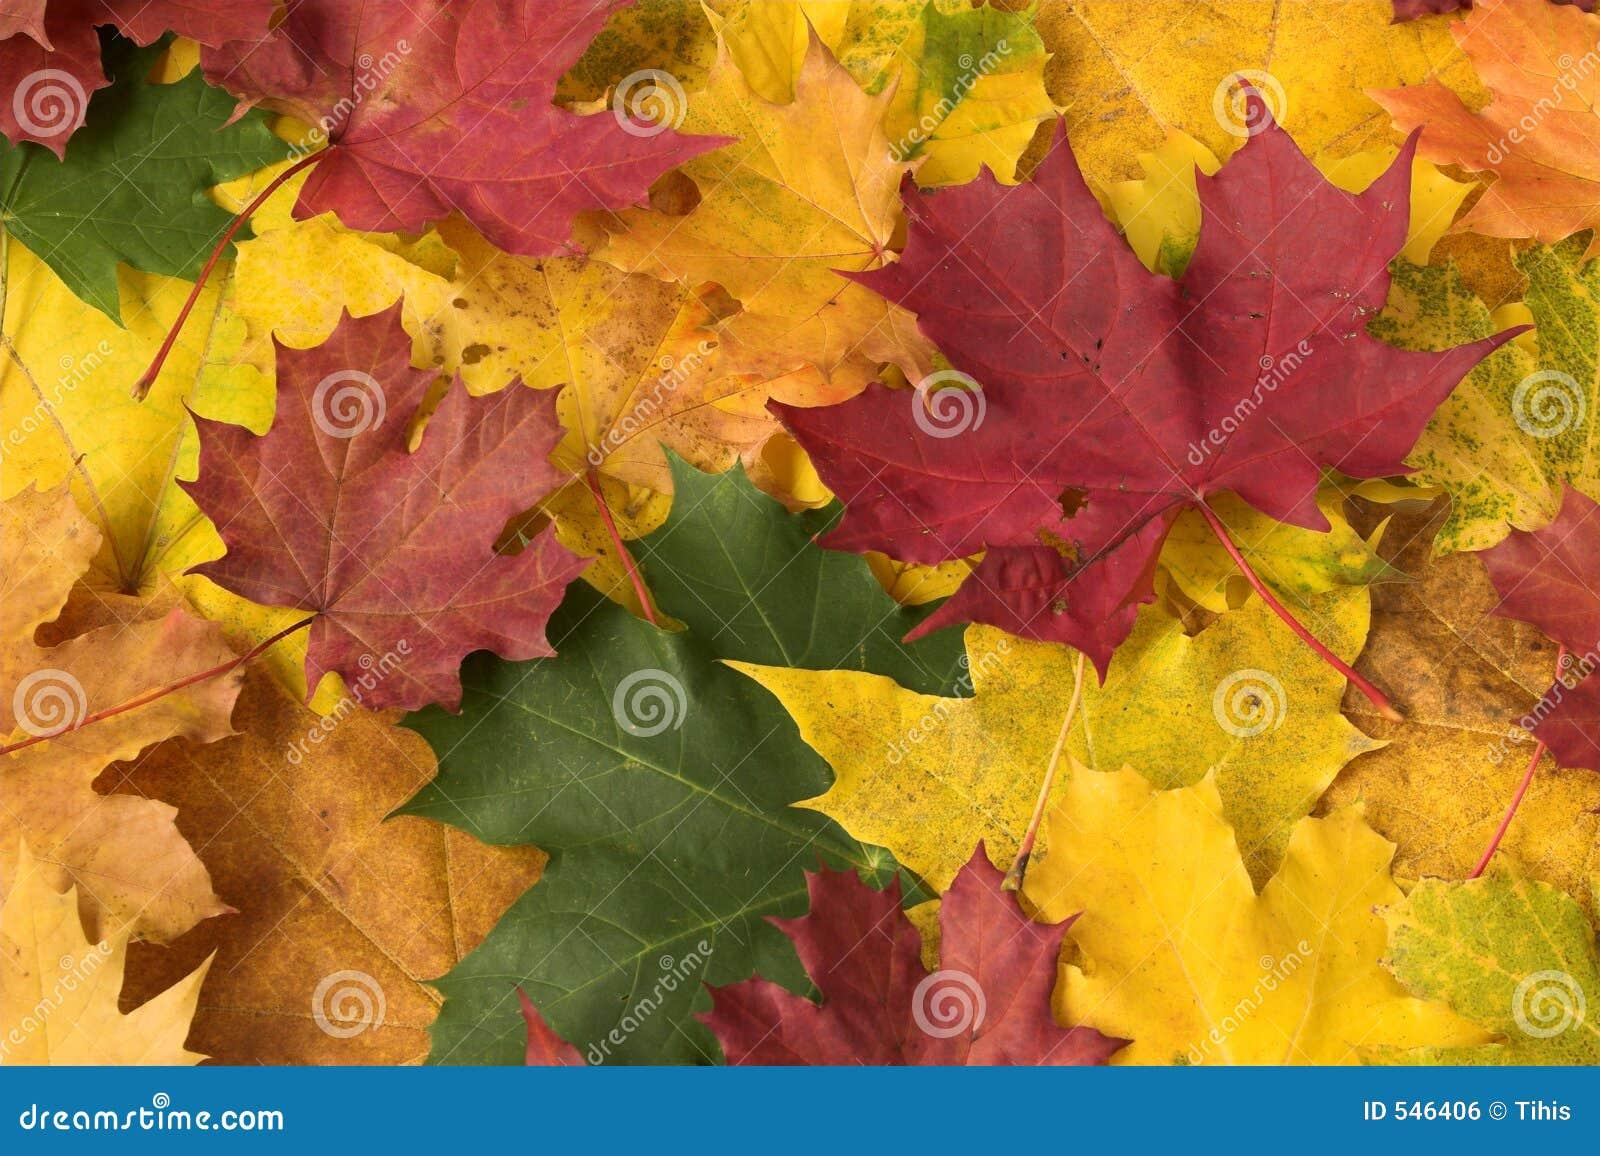 Download 留下槭树 库存照片. 图片 包括有 植物群, 图象, 关闭, 背包, 秋天, 花卉, 本质, 结构, 季节性 - 546406